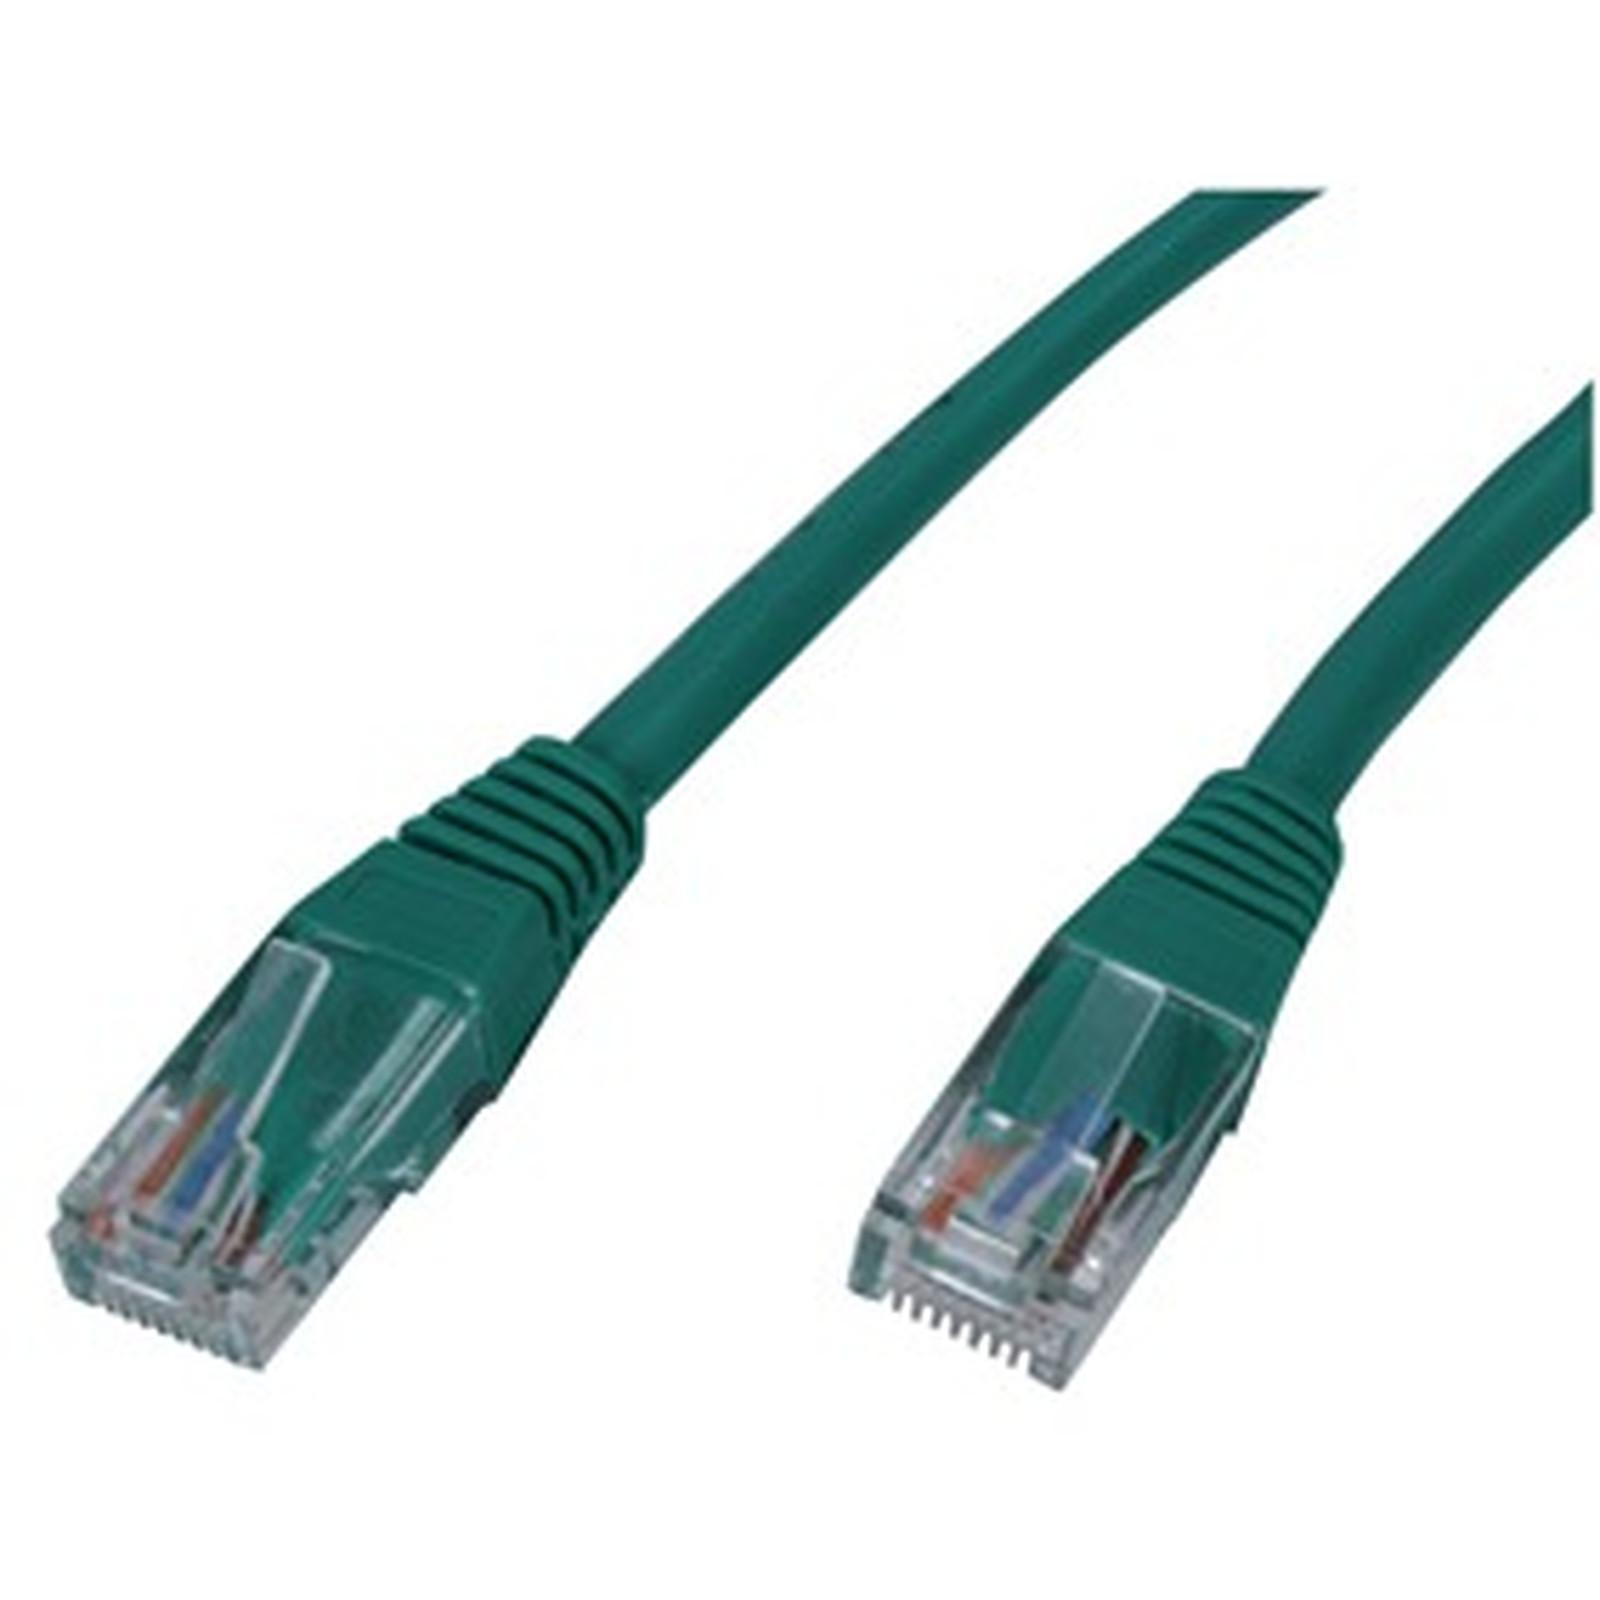 Cable RJ45 de categoría 5e U/UTP 0,5 m (verde)